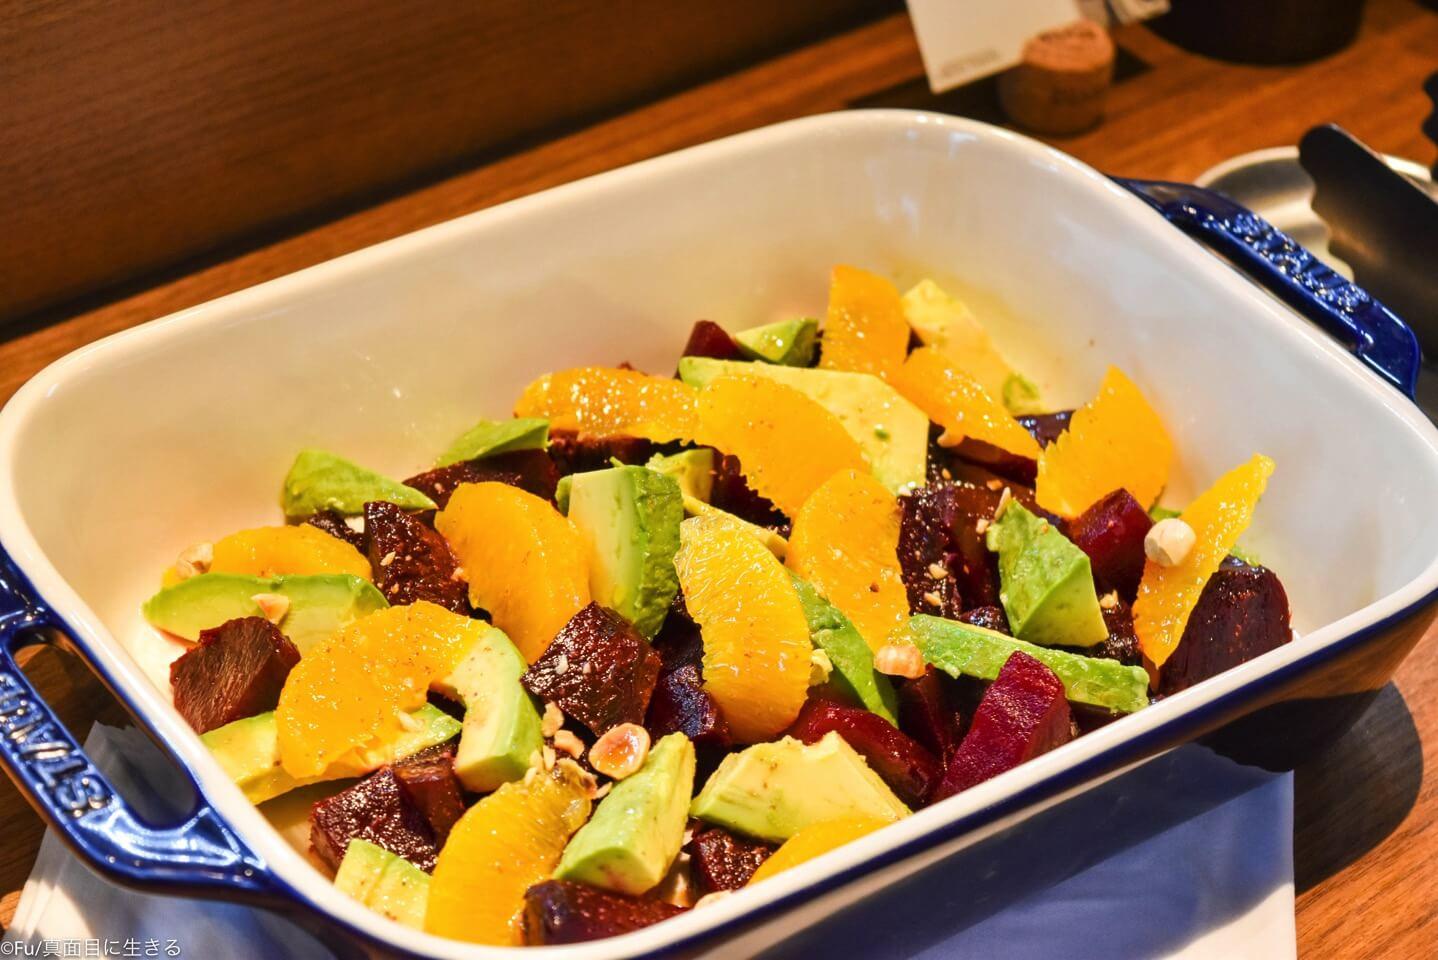 ビーツとオレンジのサラダ